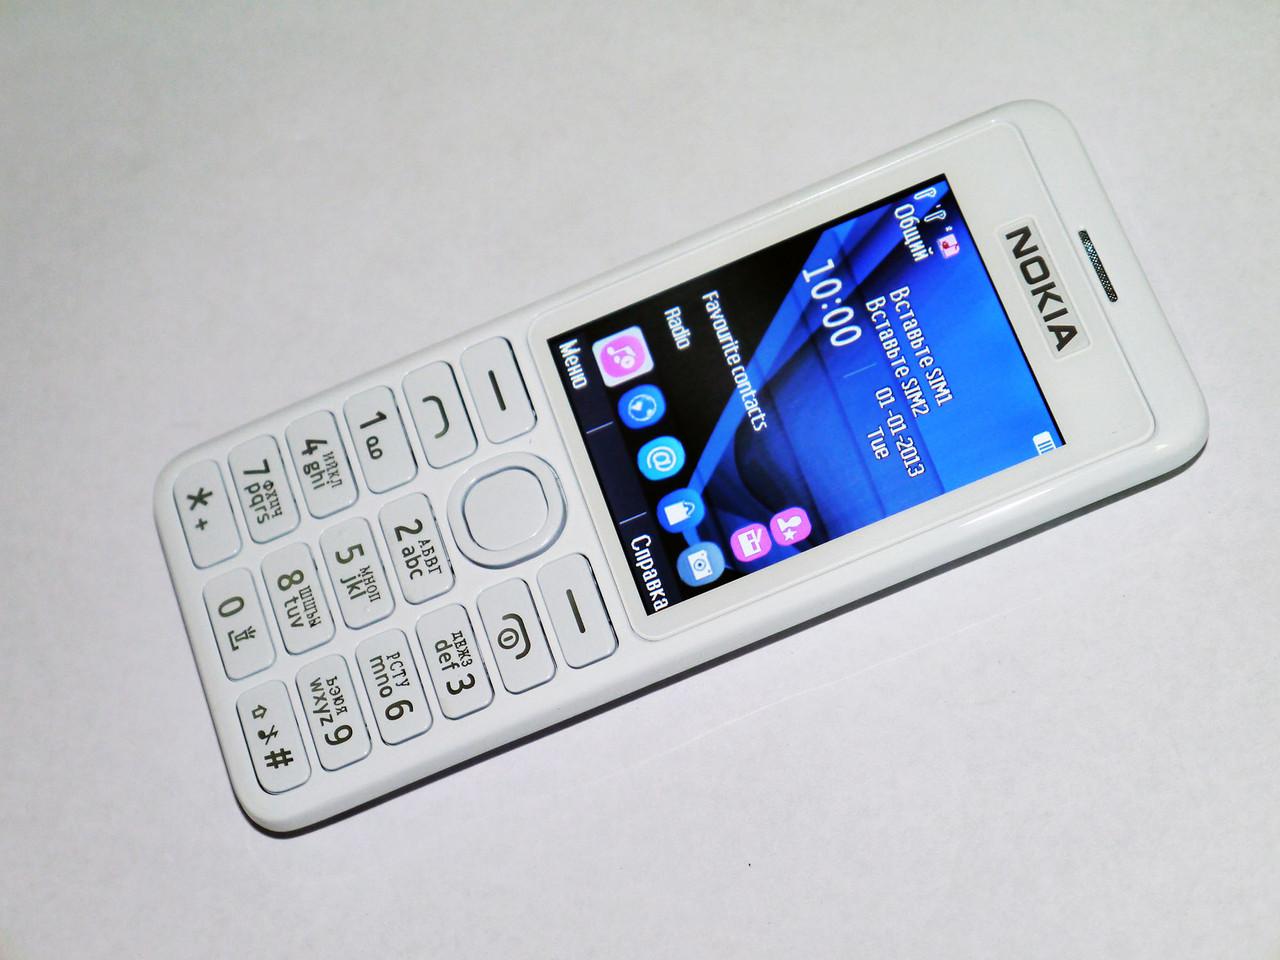 Телефон NOKIA Asha 206 Белый - 2Sim+Cam+BT+FM